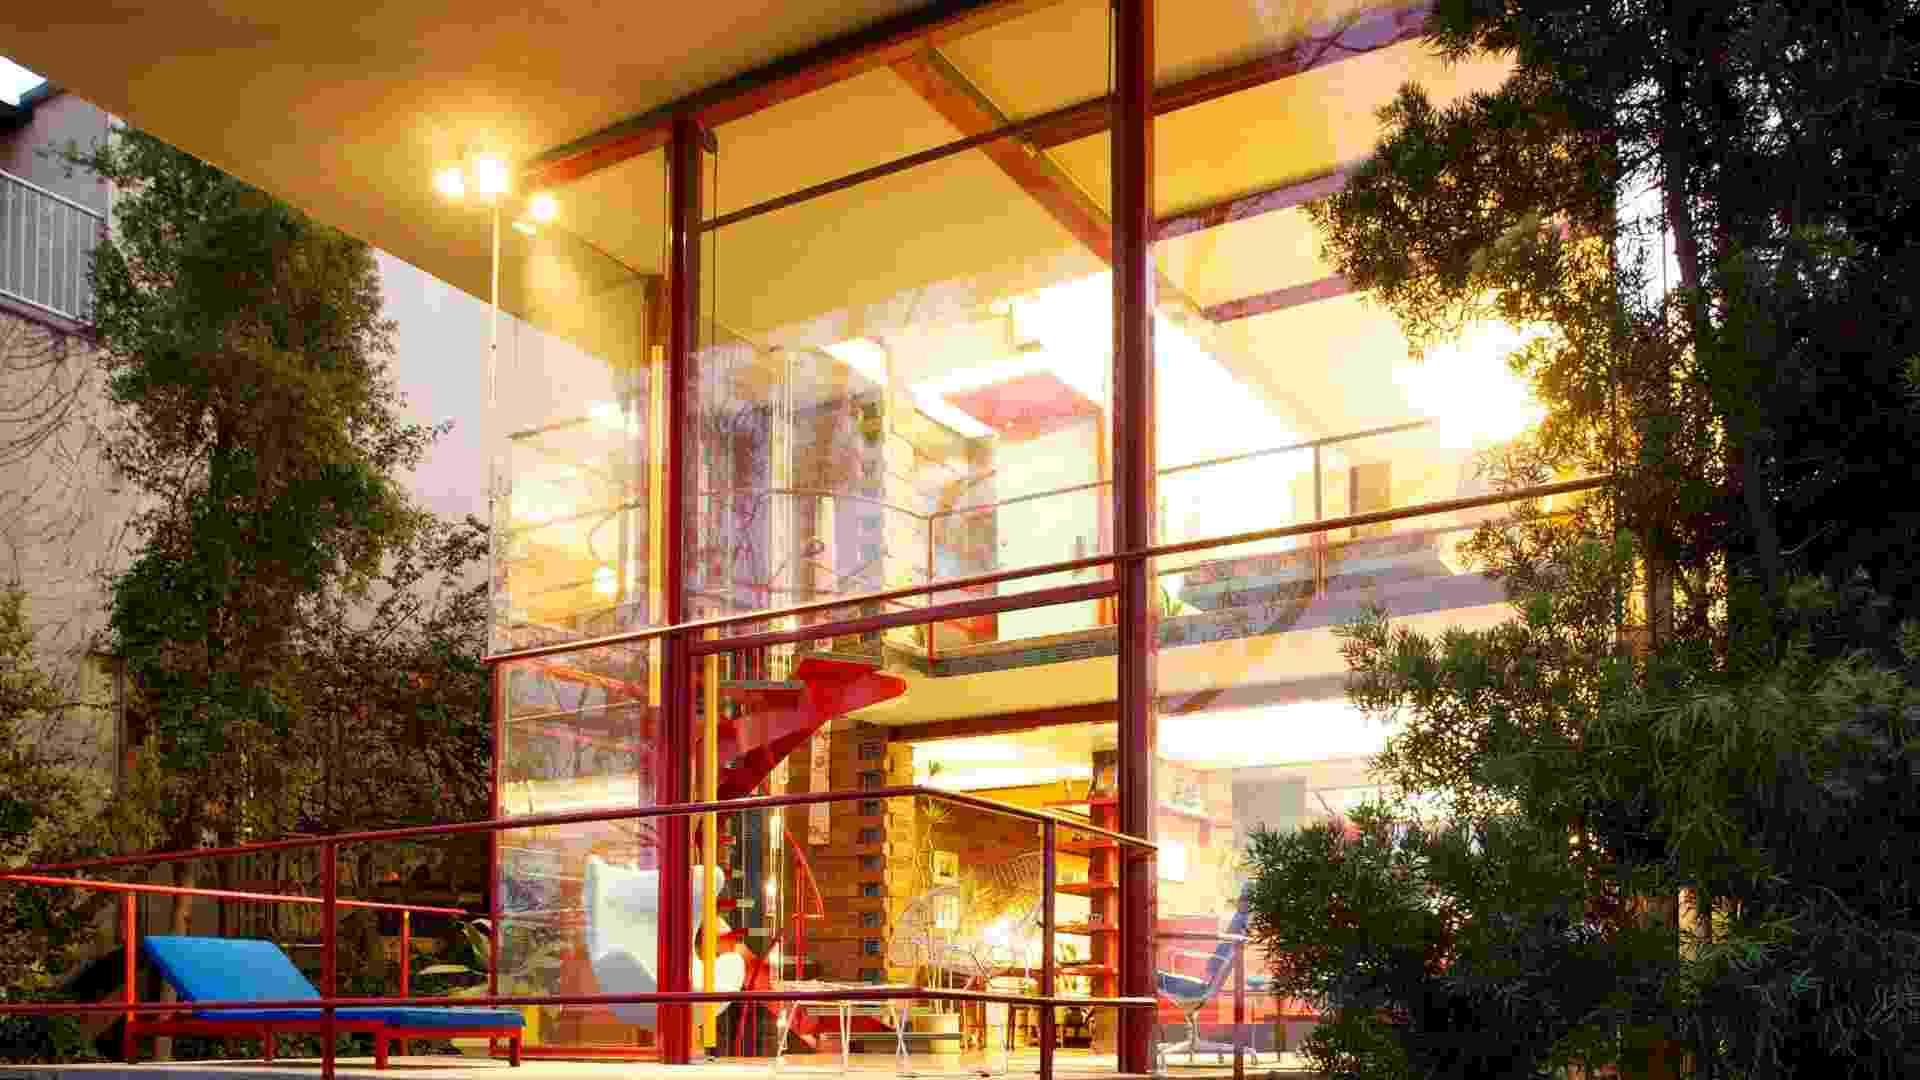 A fachada da casa dos anos 50, Allyn Morris Studio, que parece uma grande caixa de vidro - somente a cobertura para o carro é feita de tijolo. Com 95 m², a residência foi projetada pelo arquiteto Allyn Morris  - Ethan Pines/The New York Times